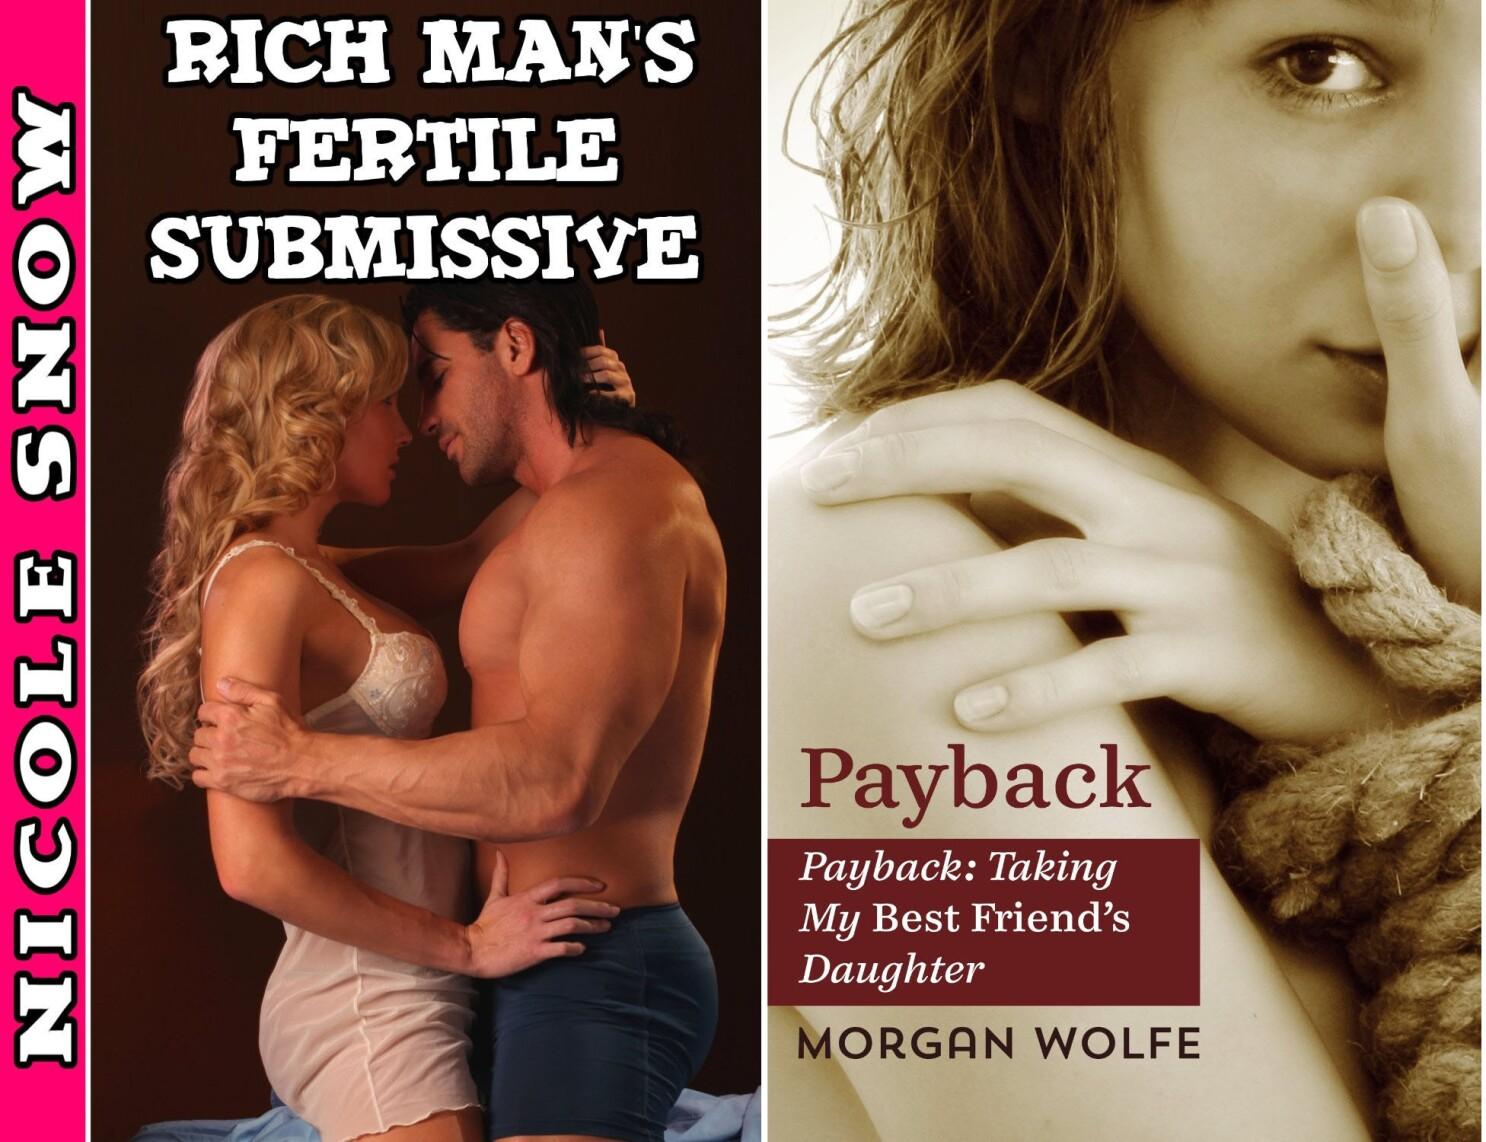 Amazon Porn Position Amateur self-published pornographic e-books cause trouble for amazon